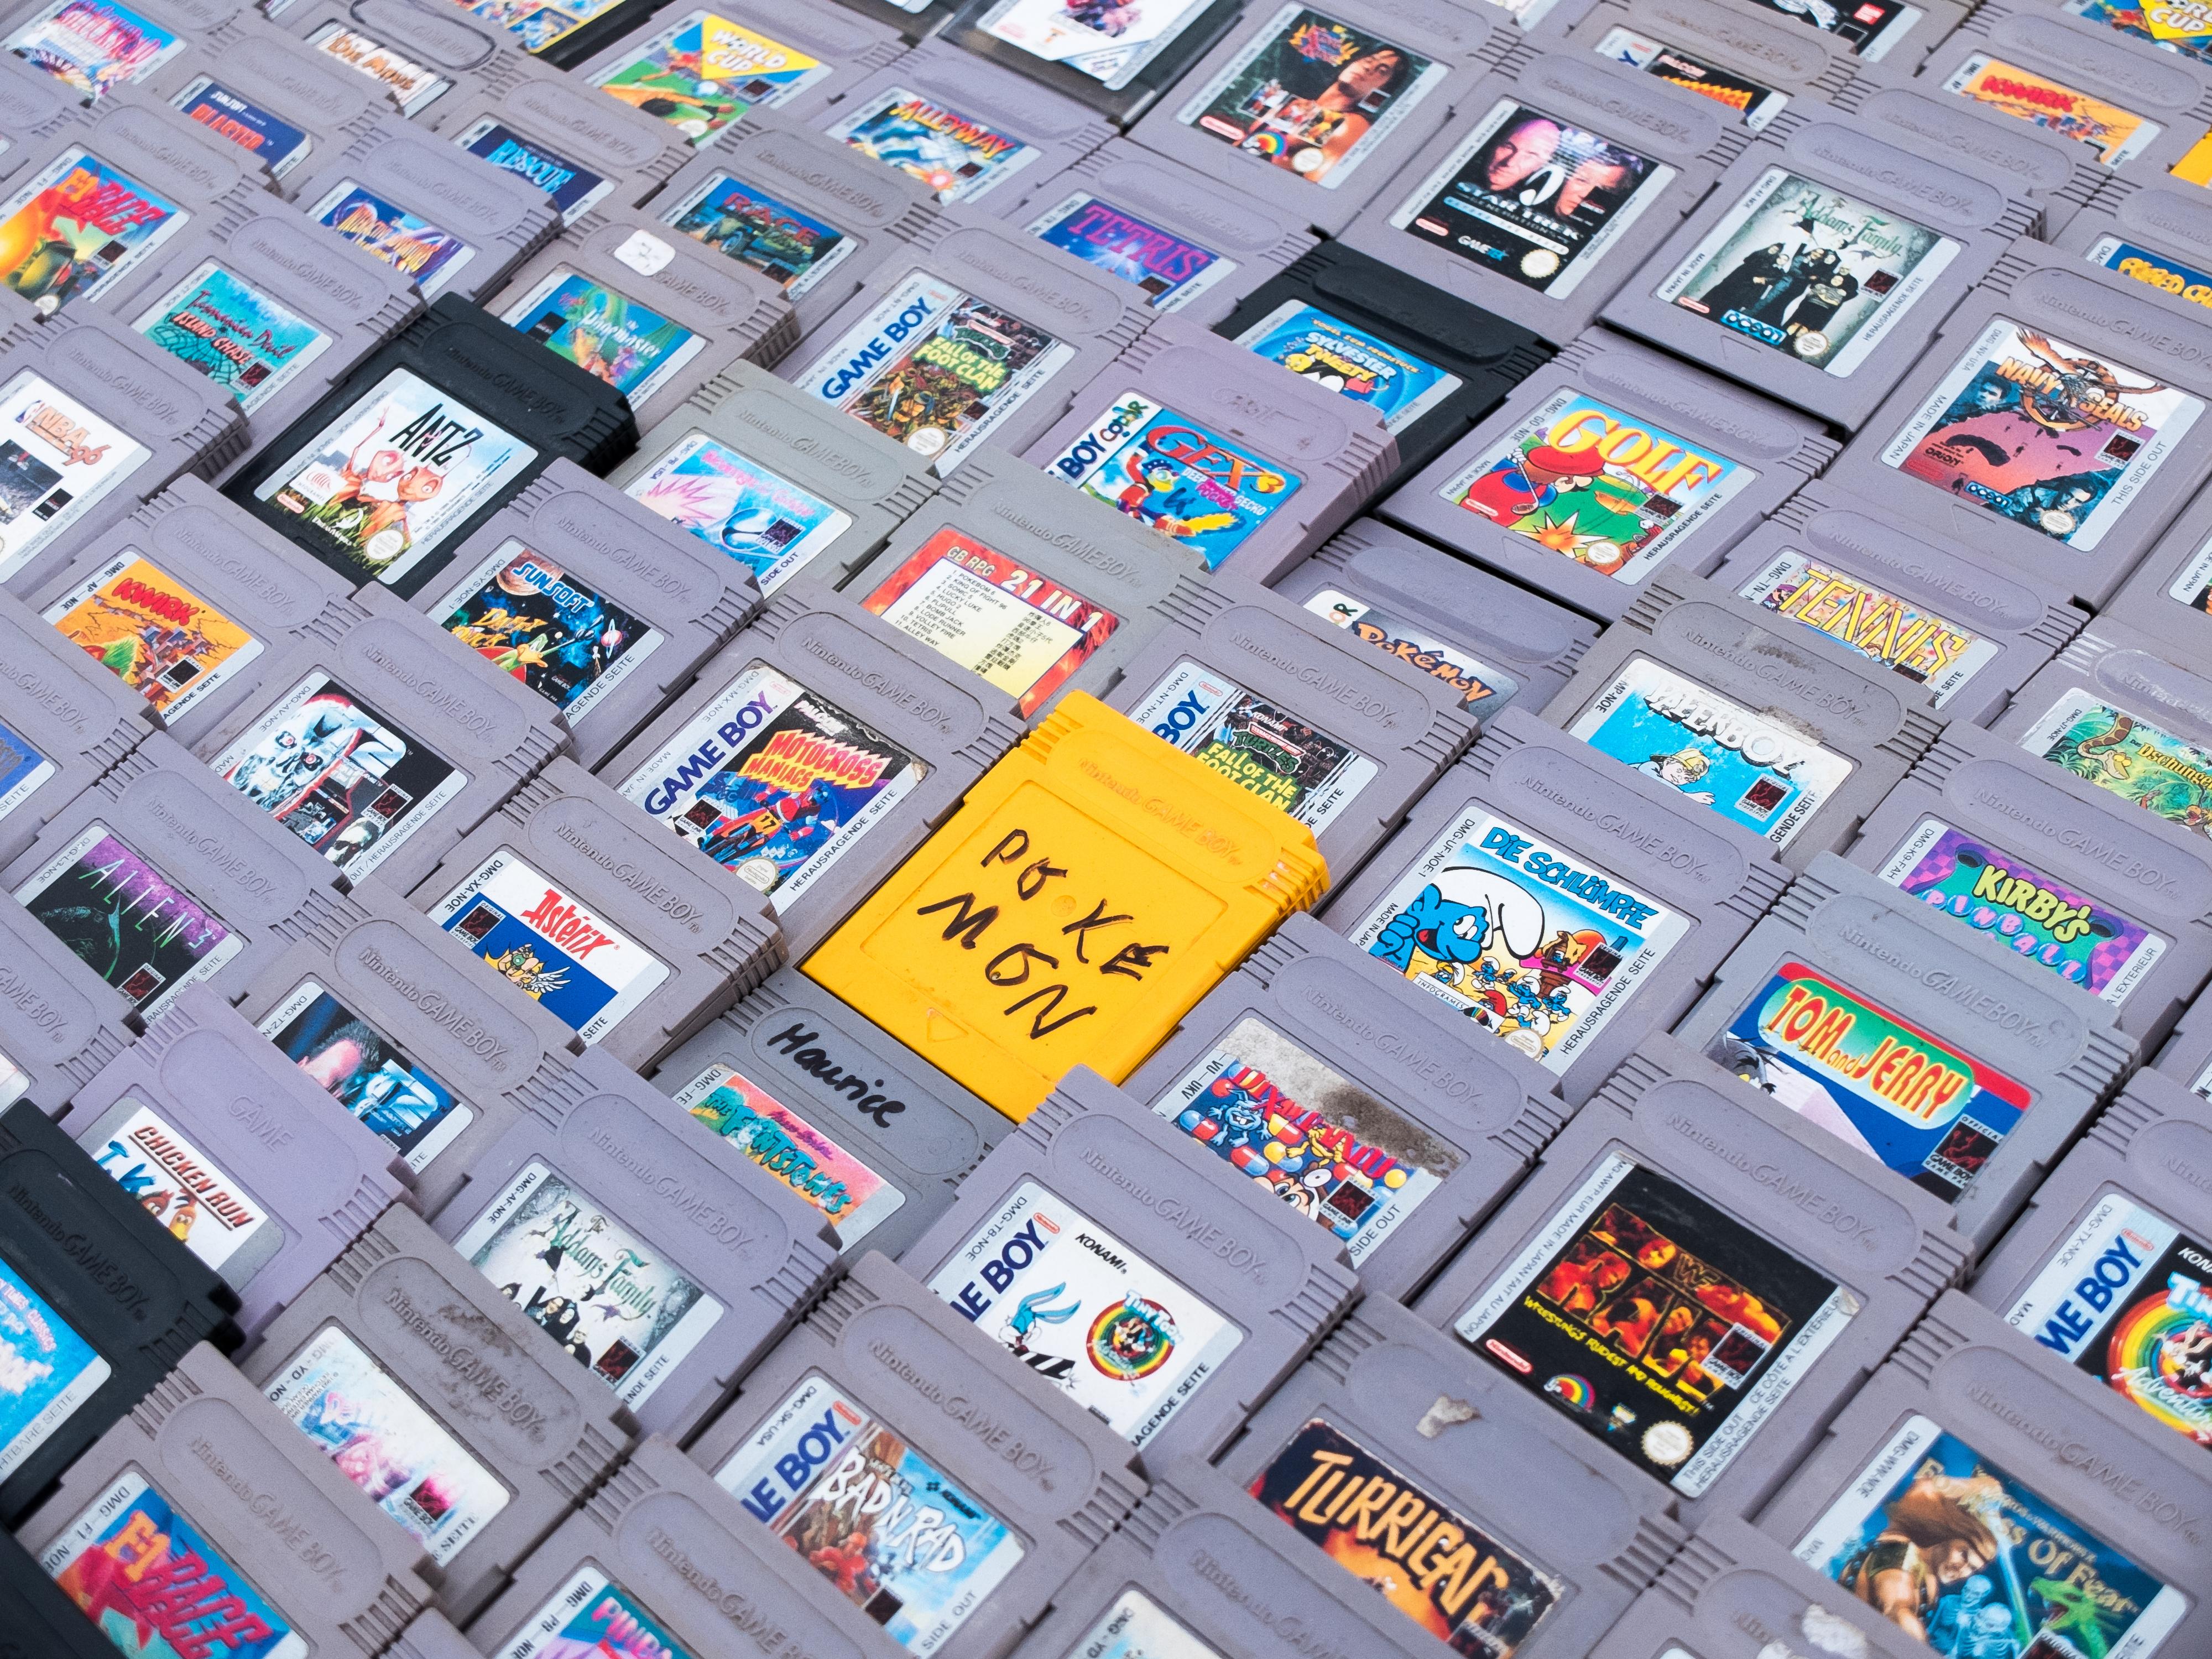 Top 7 Retro Video Games: #ThrowbackThursday